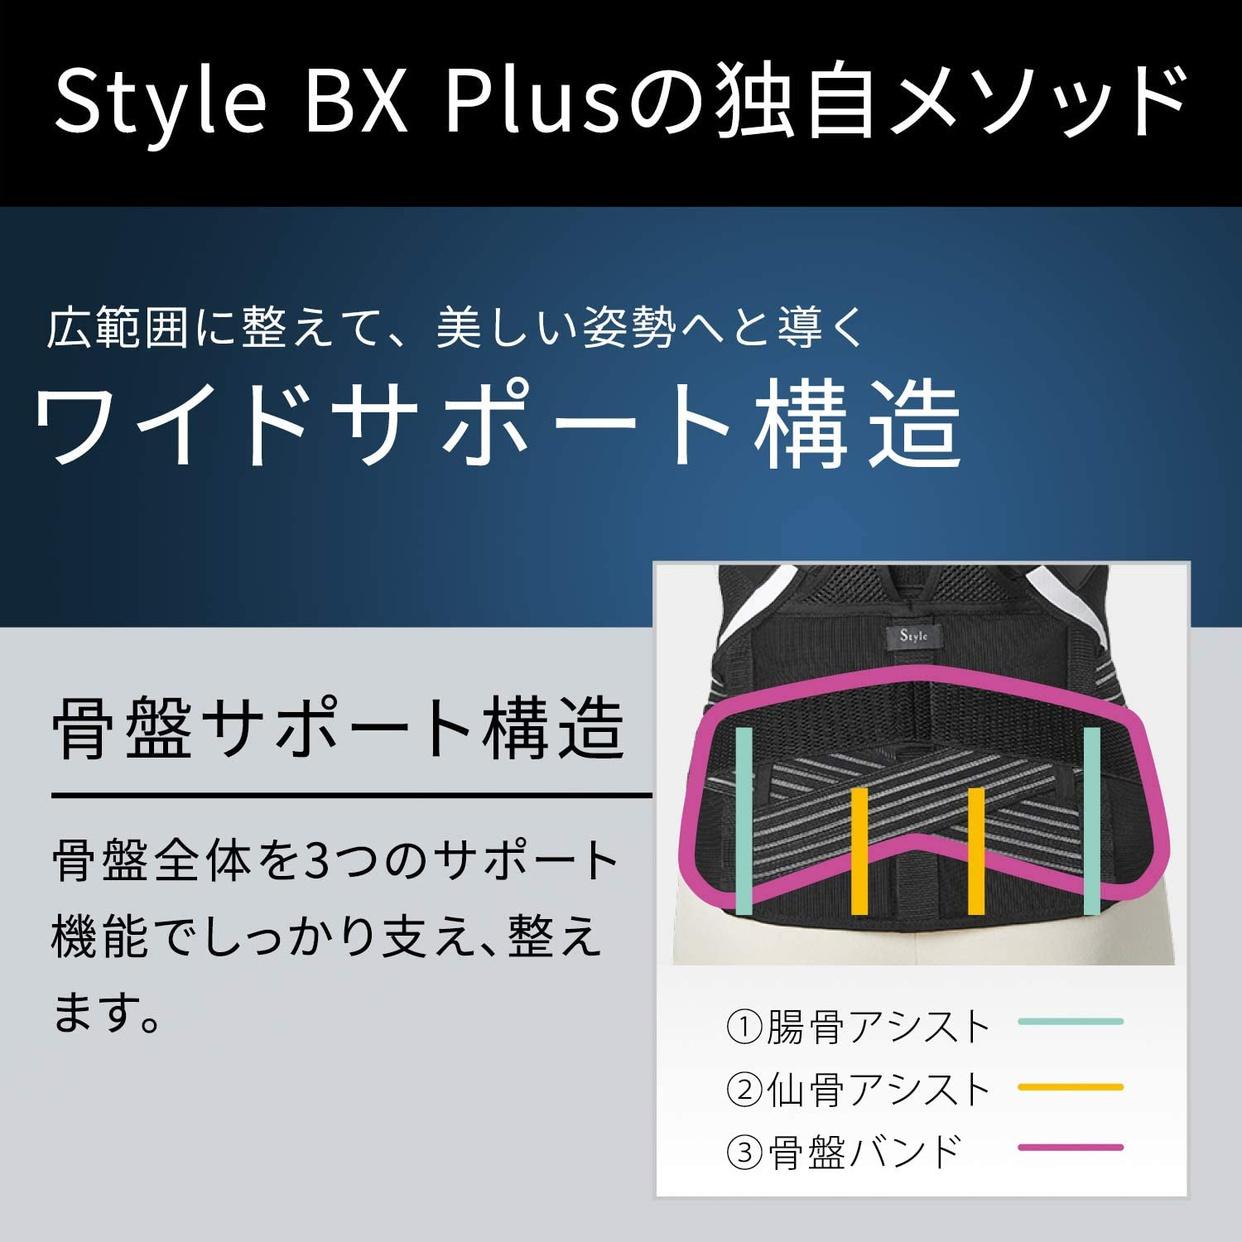 MTG(エムティージー) スタイルビーエックスプラスの商品画像7